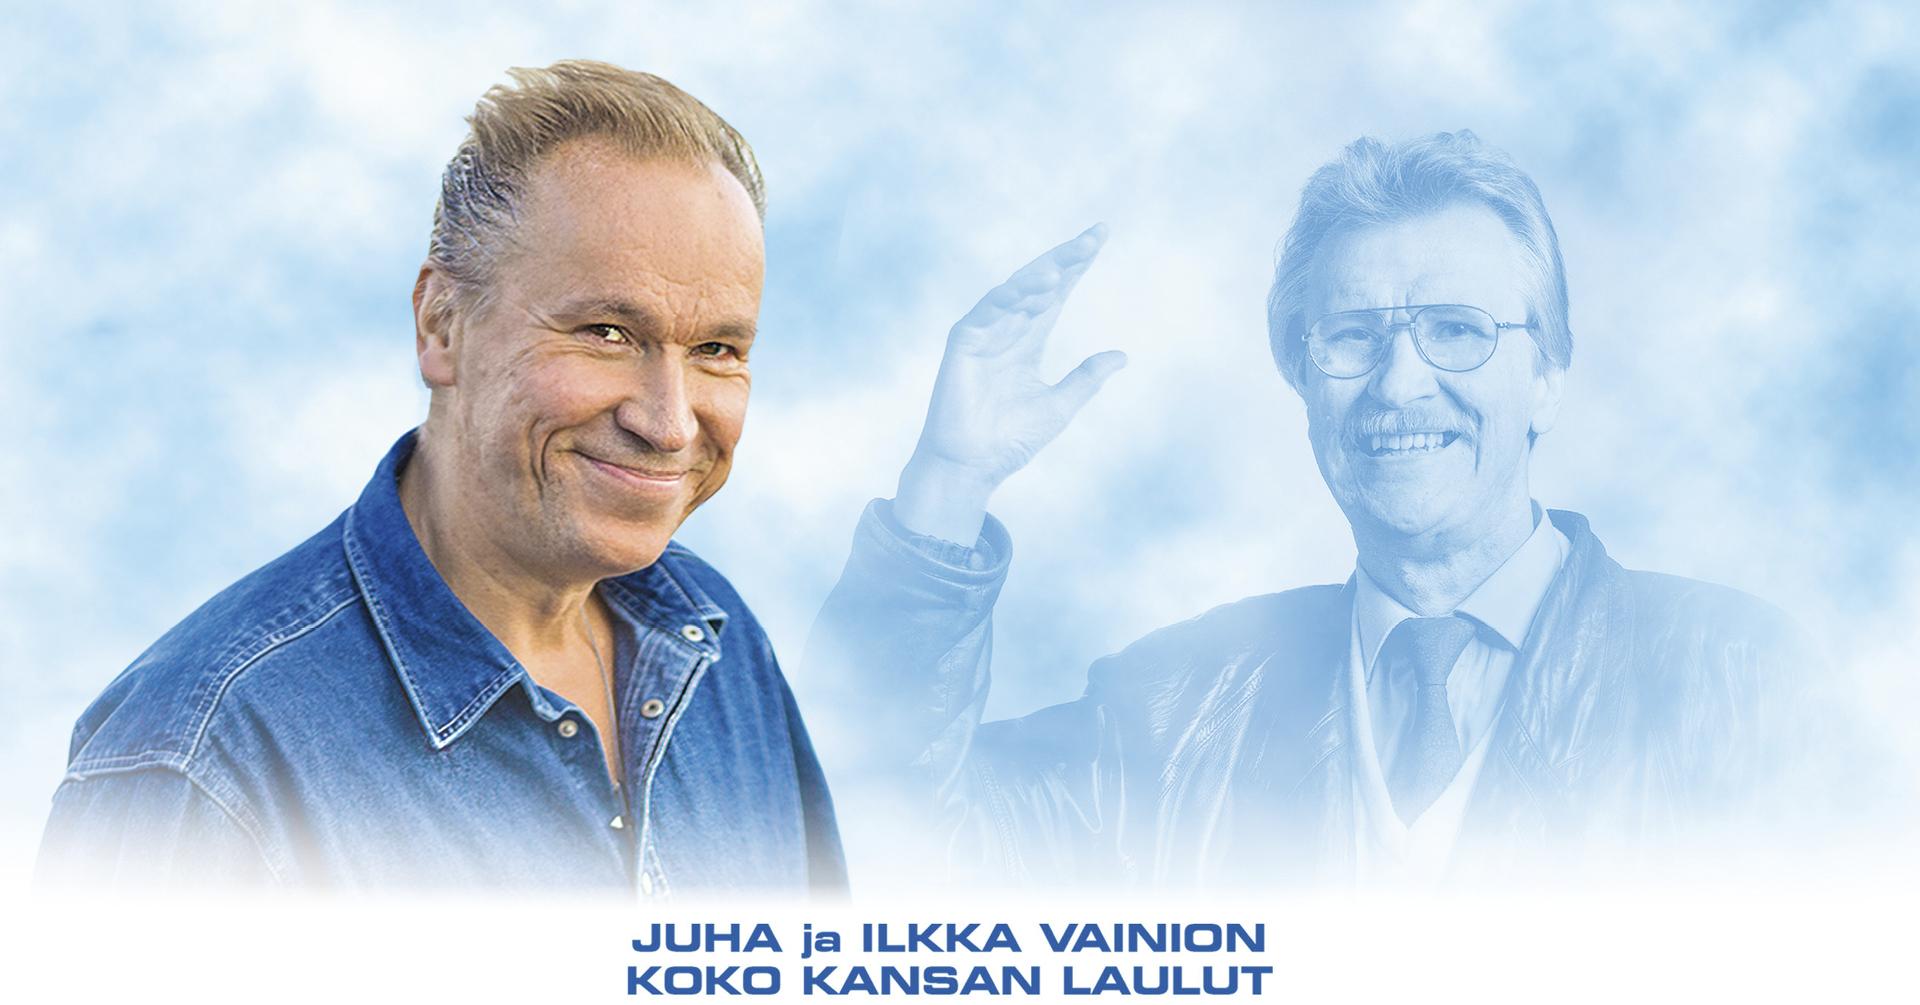 Ilkka Vainio - Koko Kansan Laulut